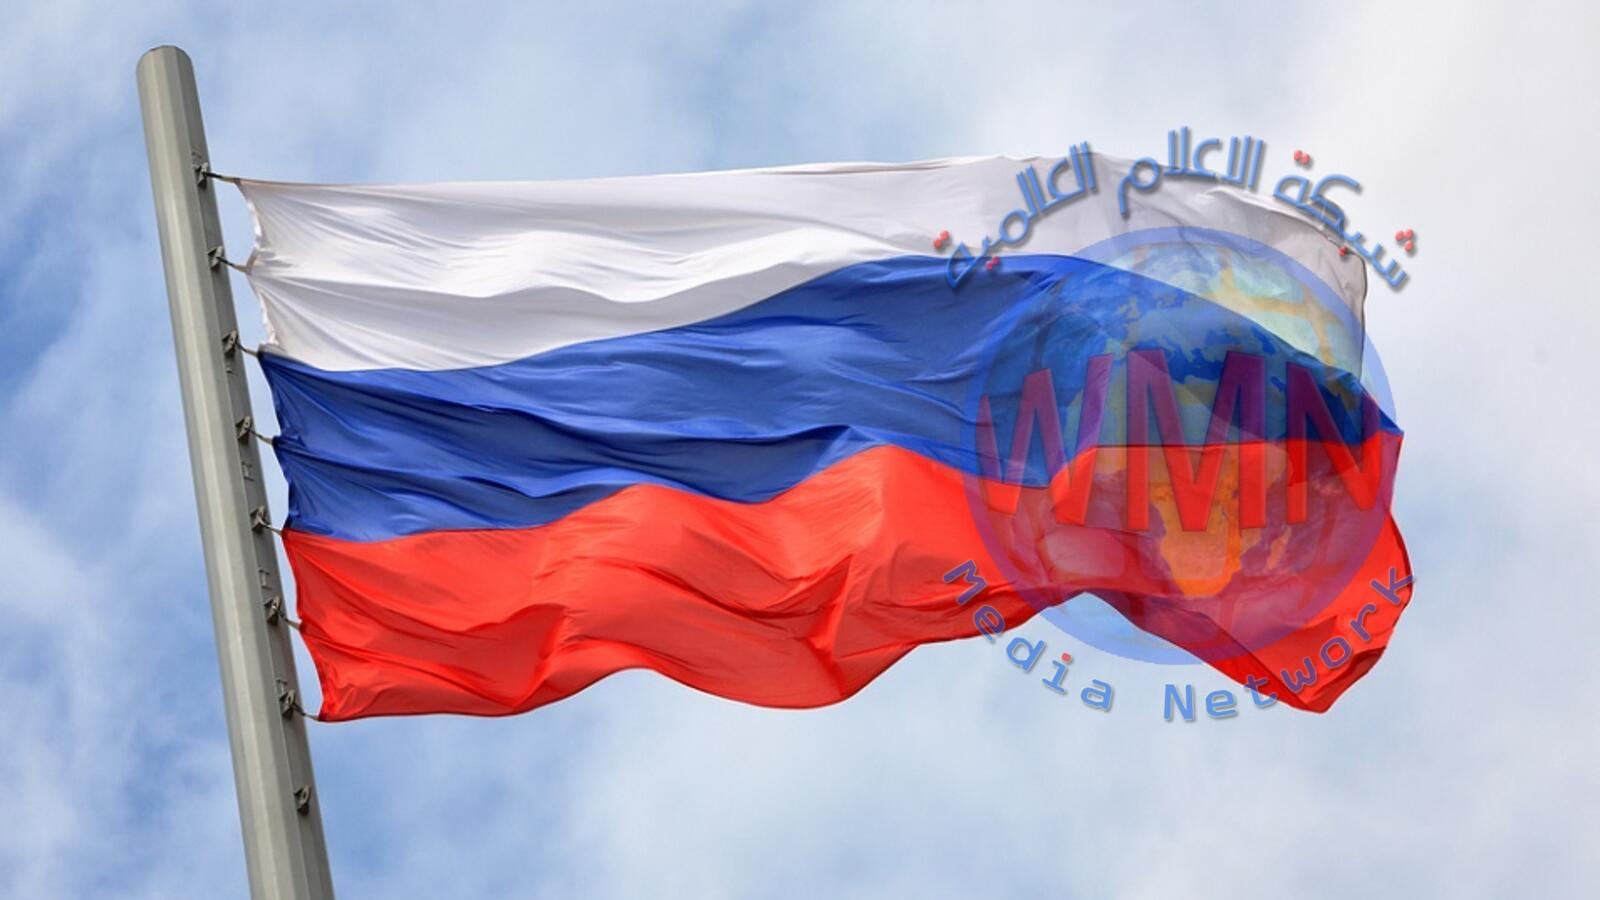 التجارة الإلكترونية في روسيا تشهد نمواً هائلاً وسط انكماش اقتصادي